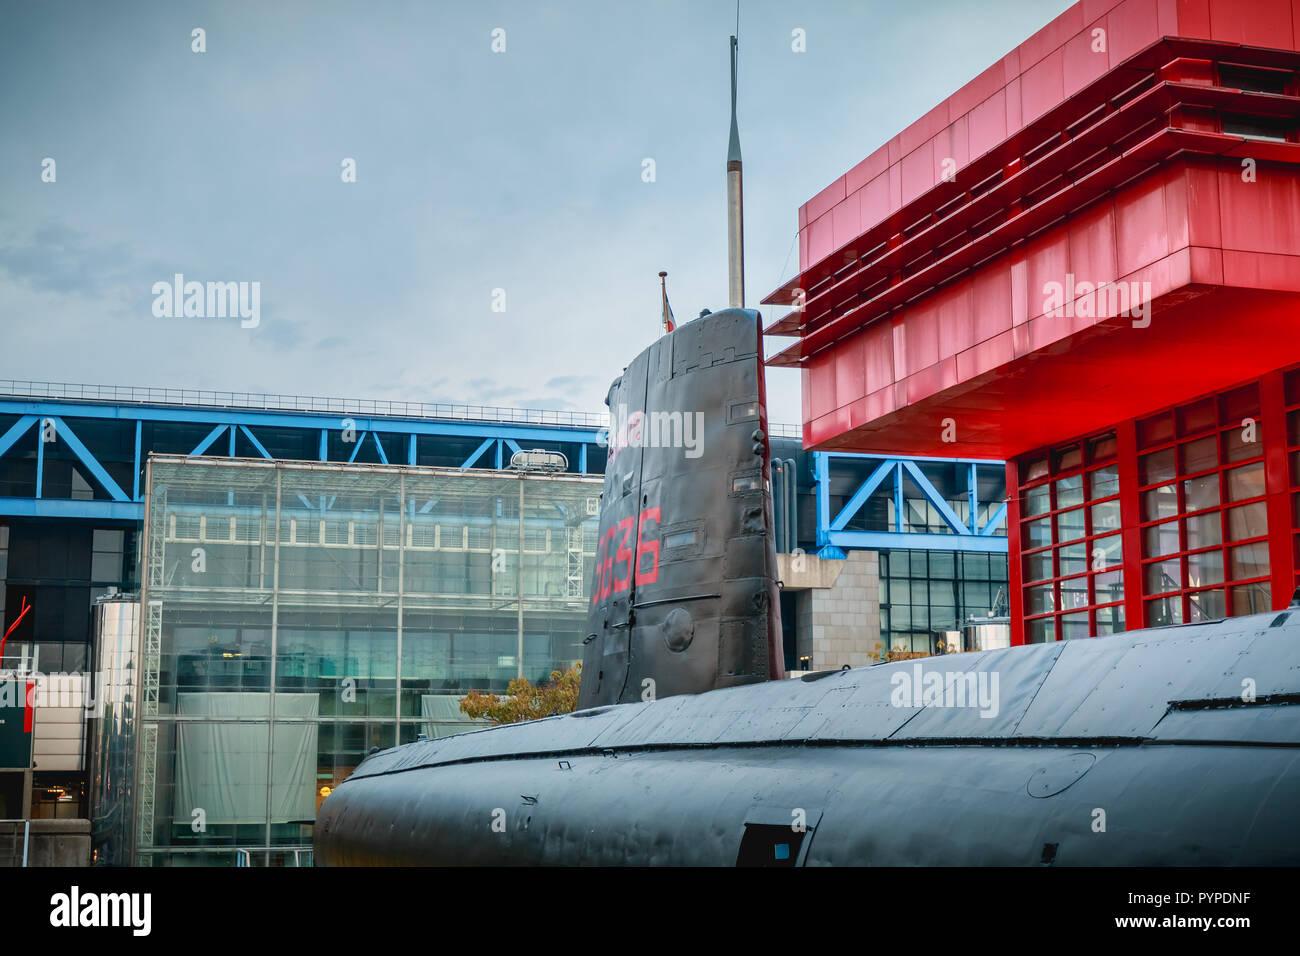 Paris, Frankreich, 6. Oktober 2018: Ausstellung der Französischen u-boot Argonaute, S 636 in Betrieb am 23. Oktober 1958 und unscharf am 31. Juli 1982 Stockbild